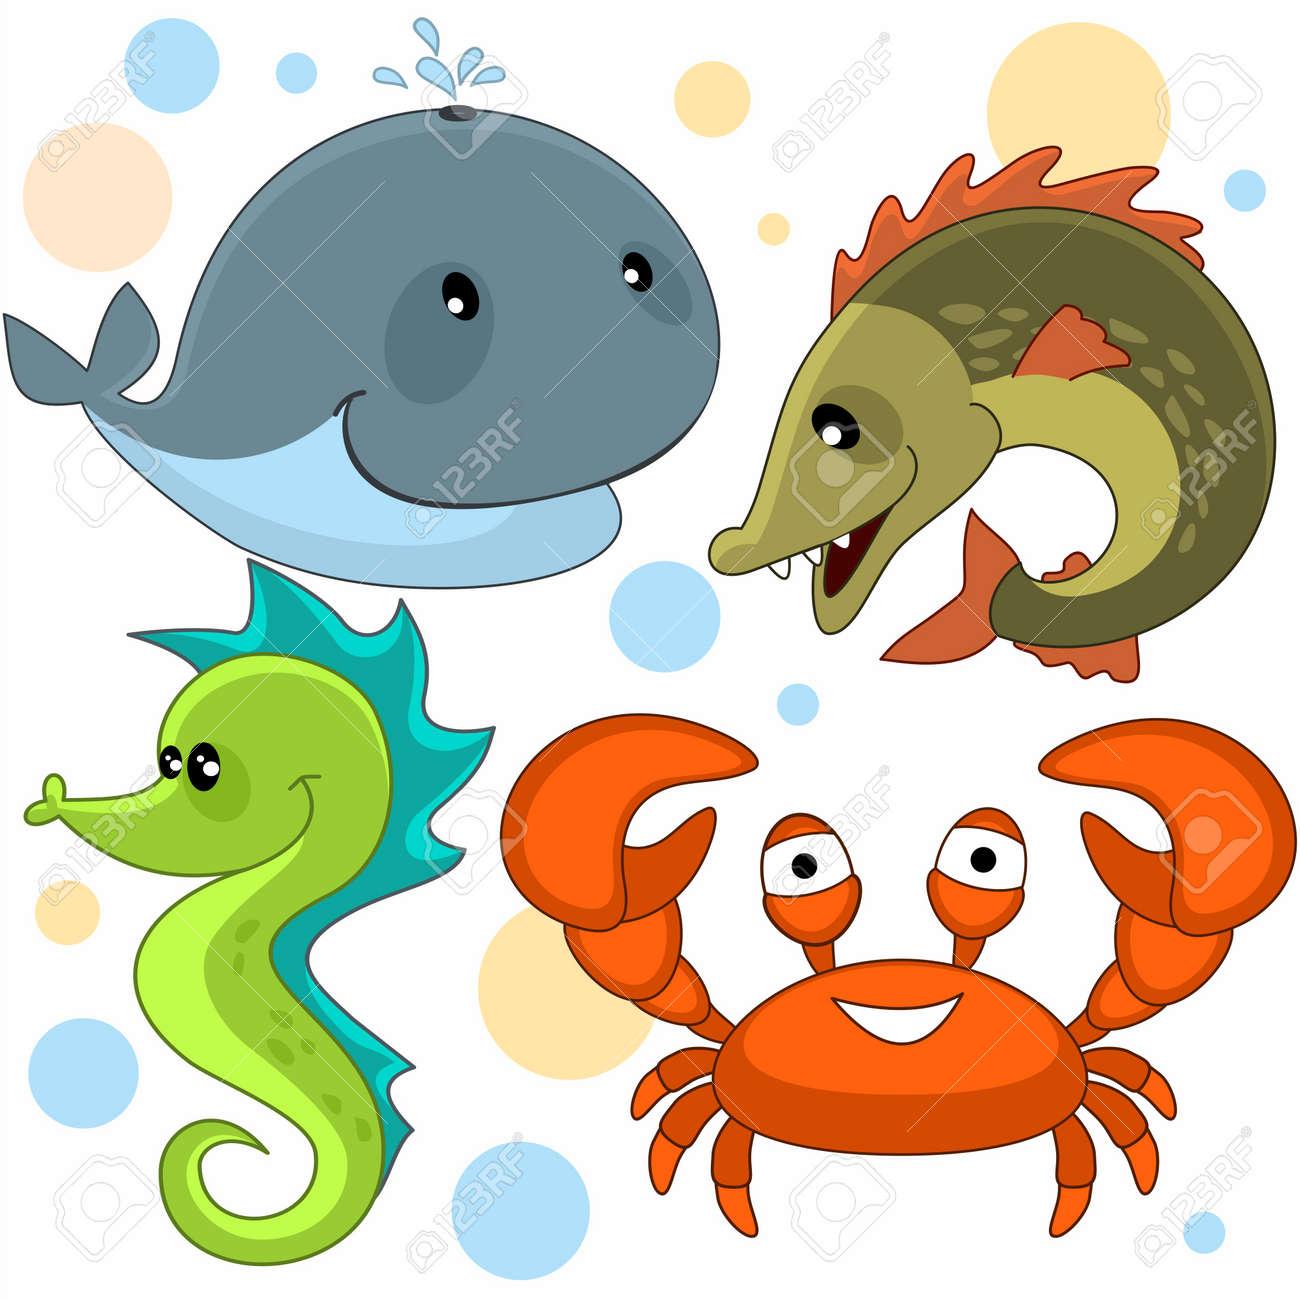 Conjunto De Imagenes De Dibujos Animados Con Animales Marinos Para